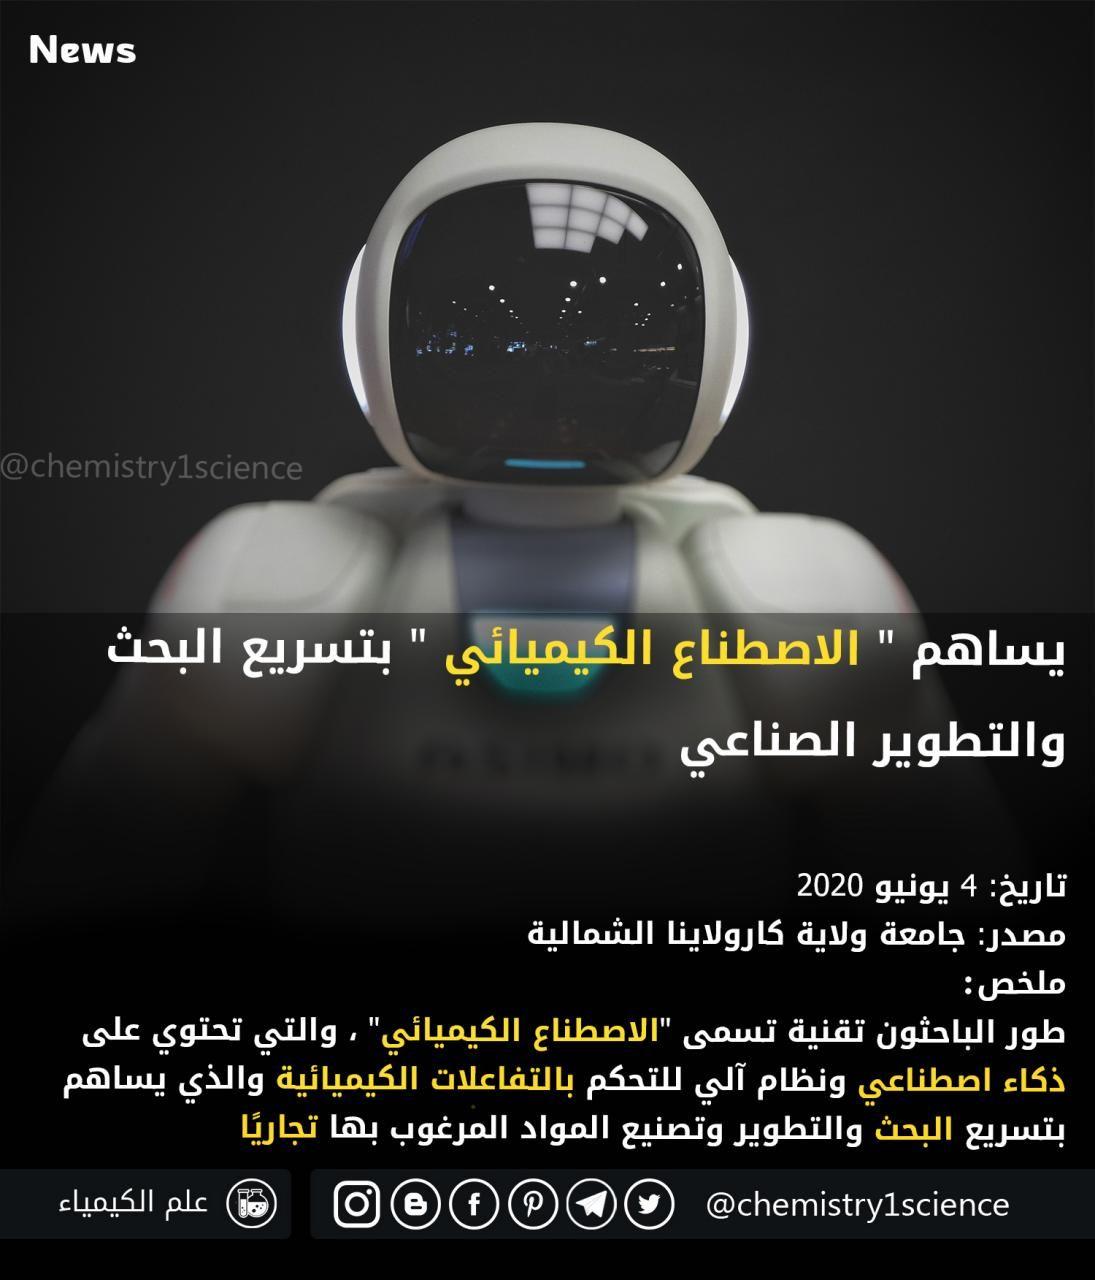 بحث عن علم الكيمياء ملف شامل عن إنجازات علماء المسلمين في علم الكمياء أبحاث نت Baseball Cards Baseball Sports